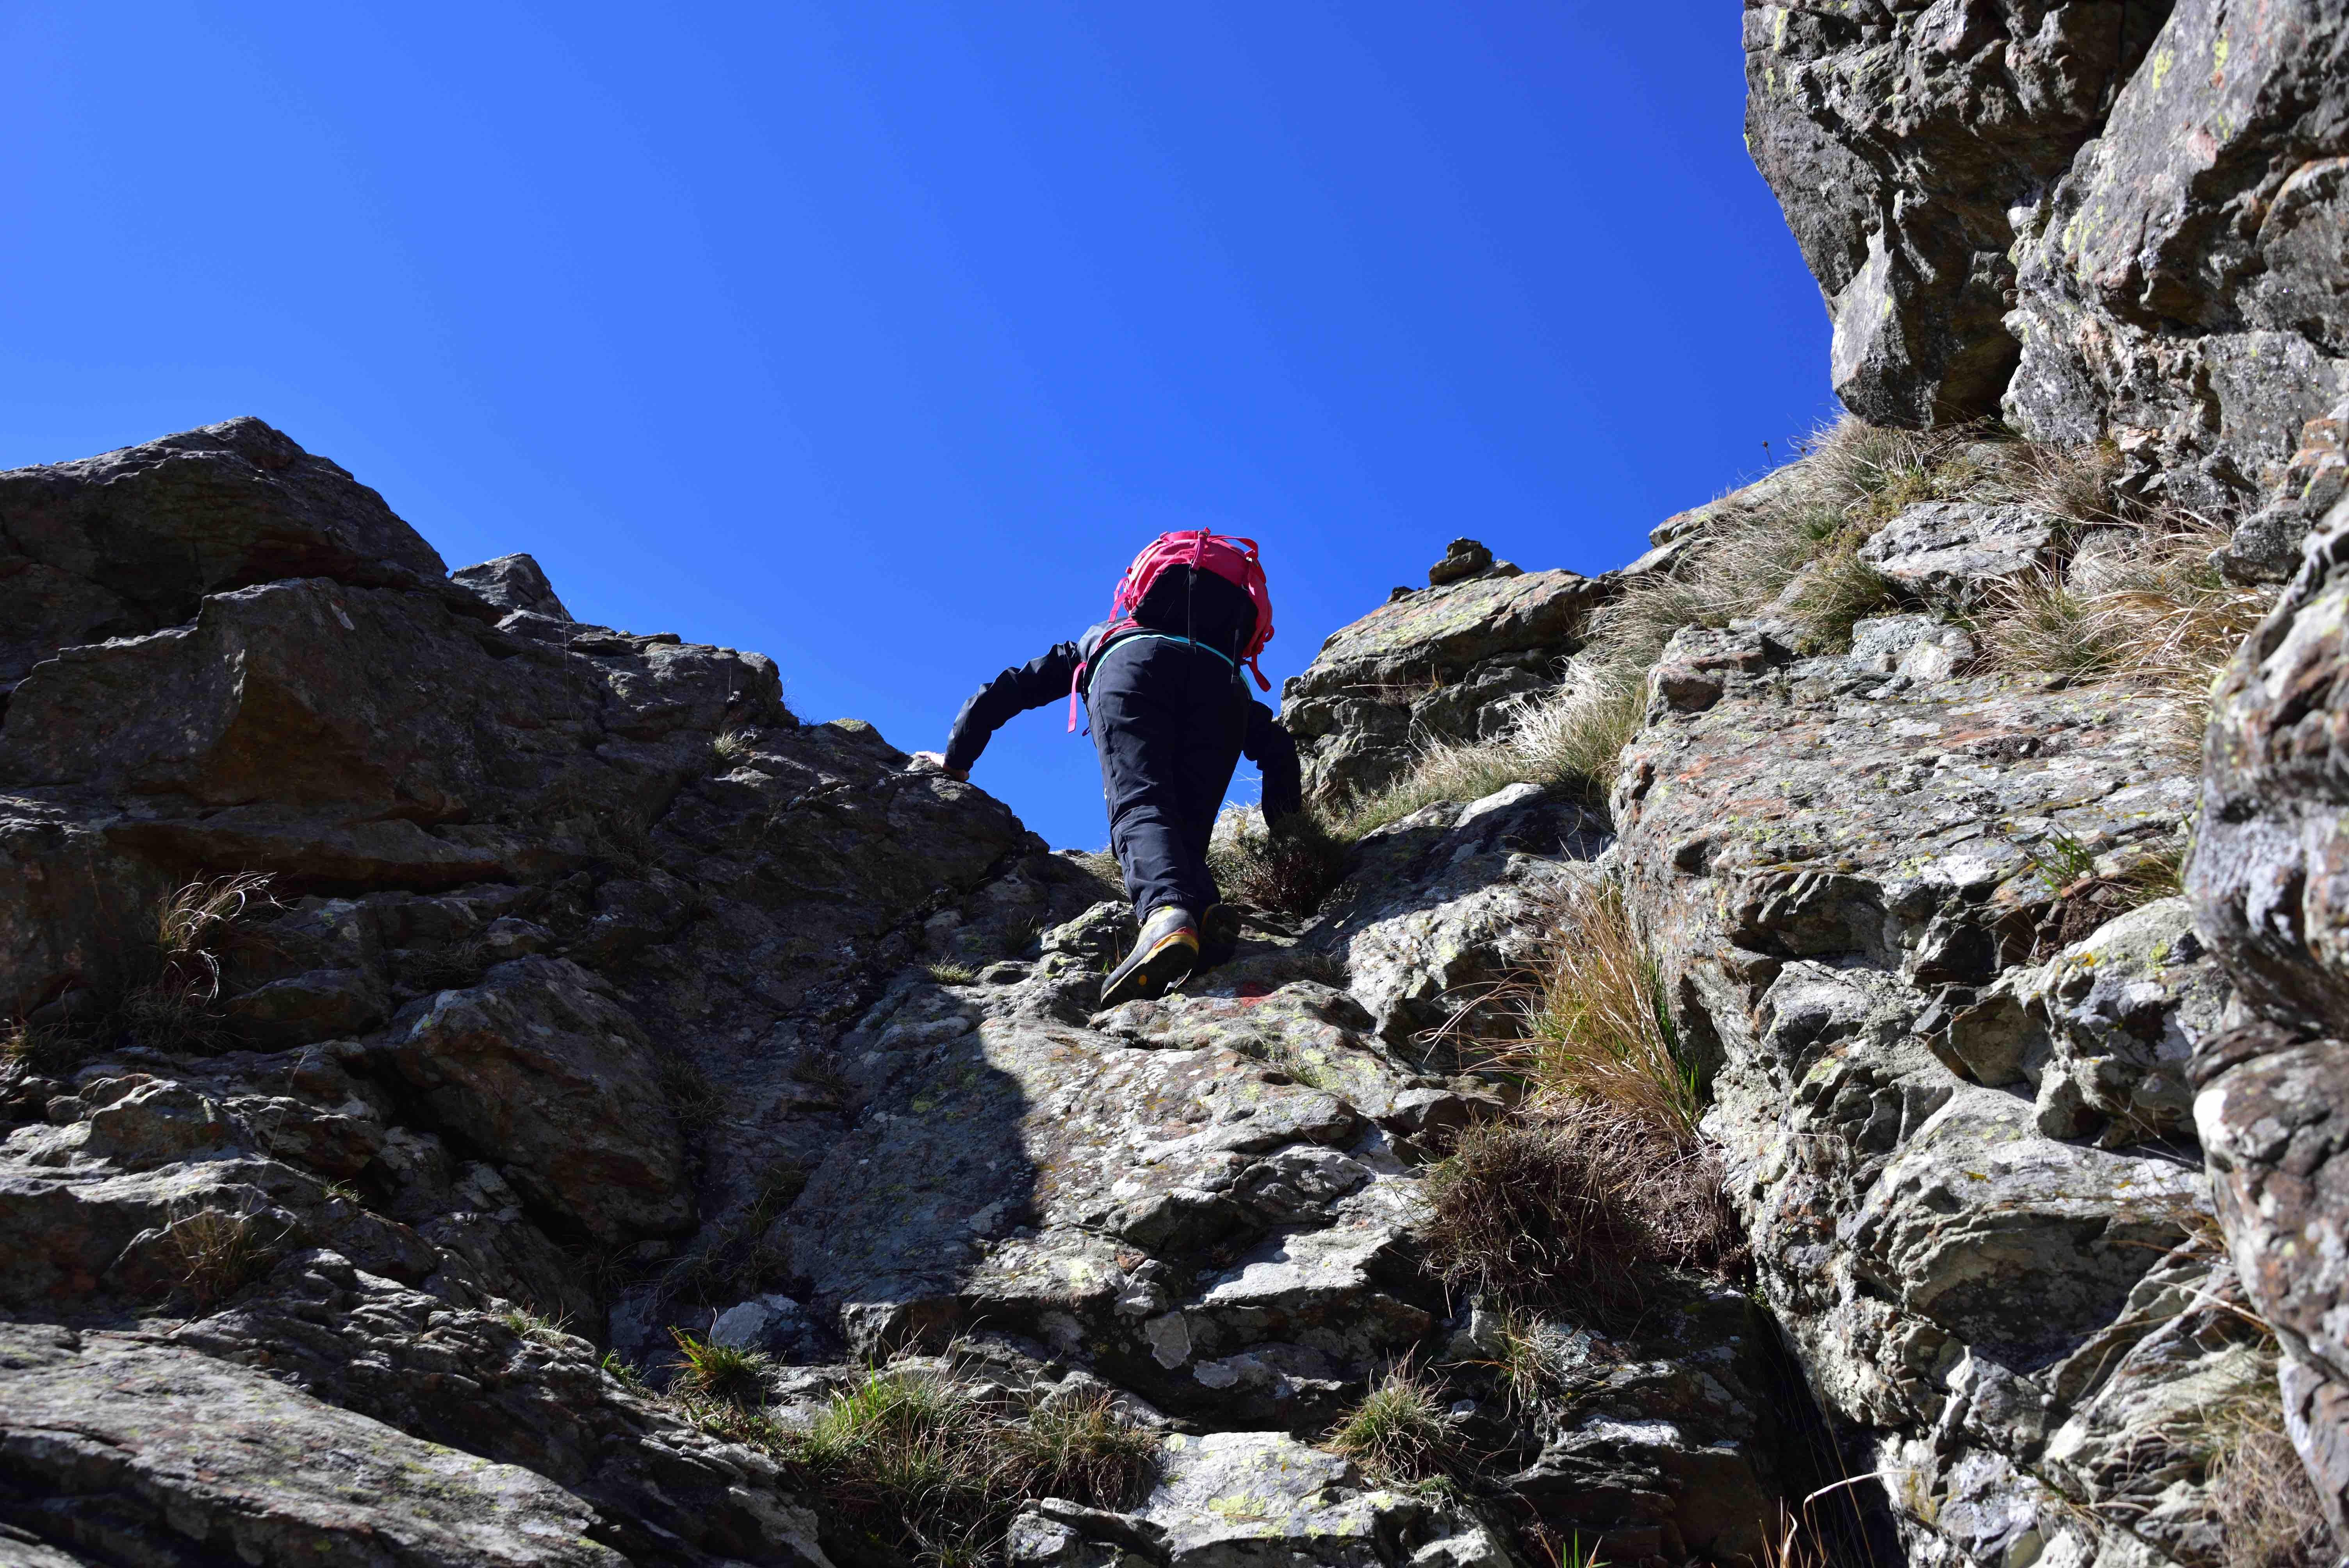 Un passaggio di roccia lungo la cresta Sud del Dente di Ramaceto